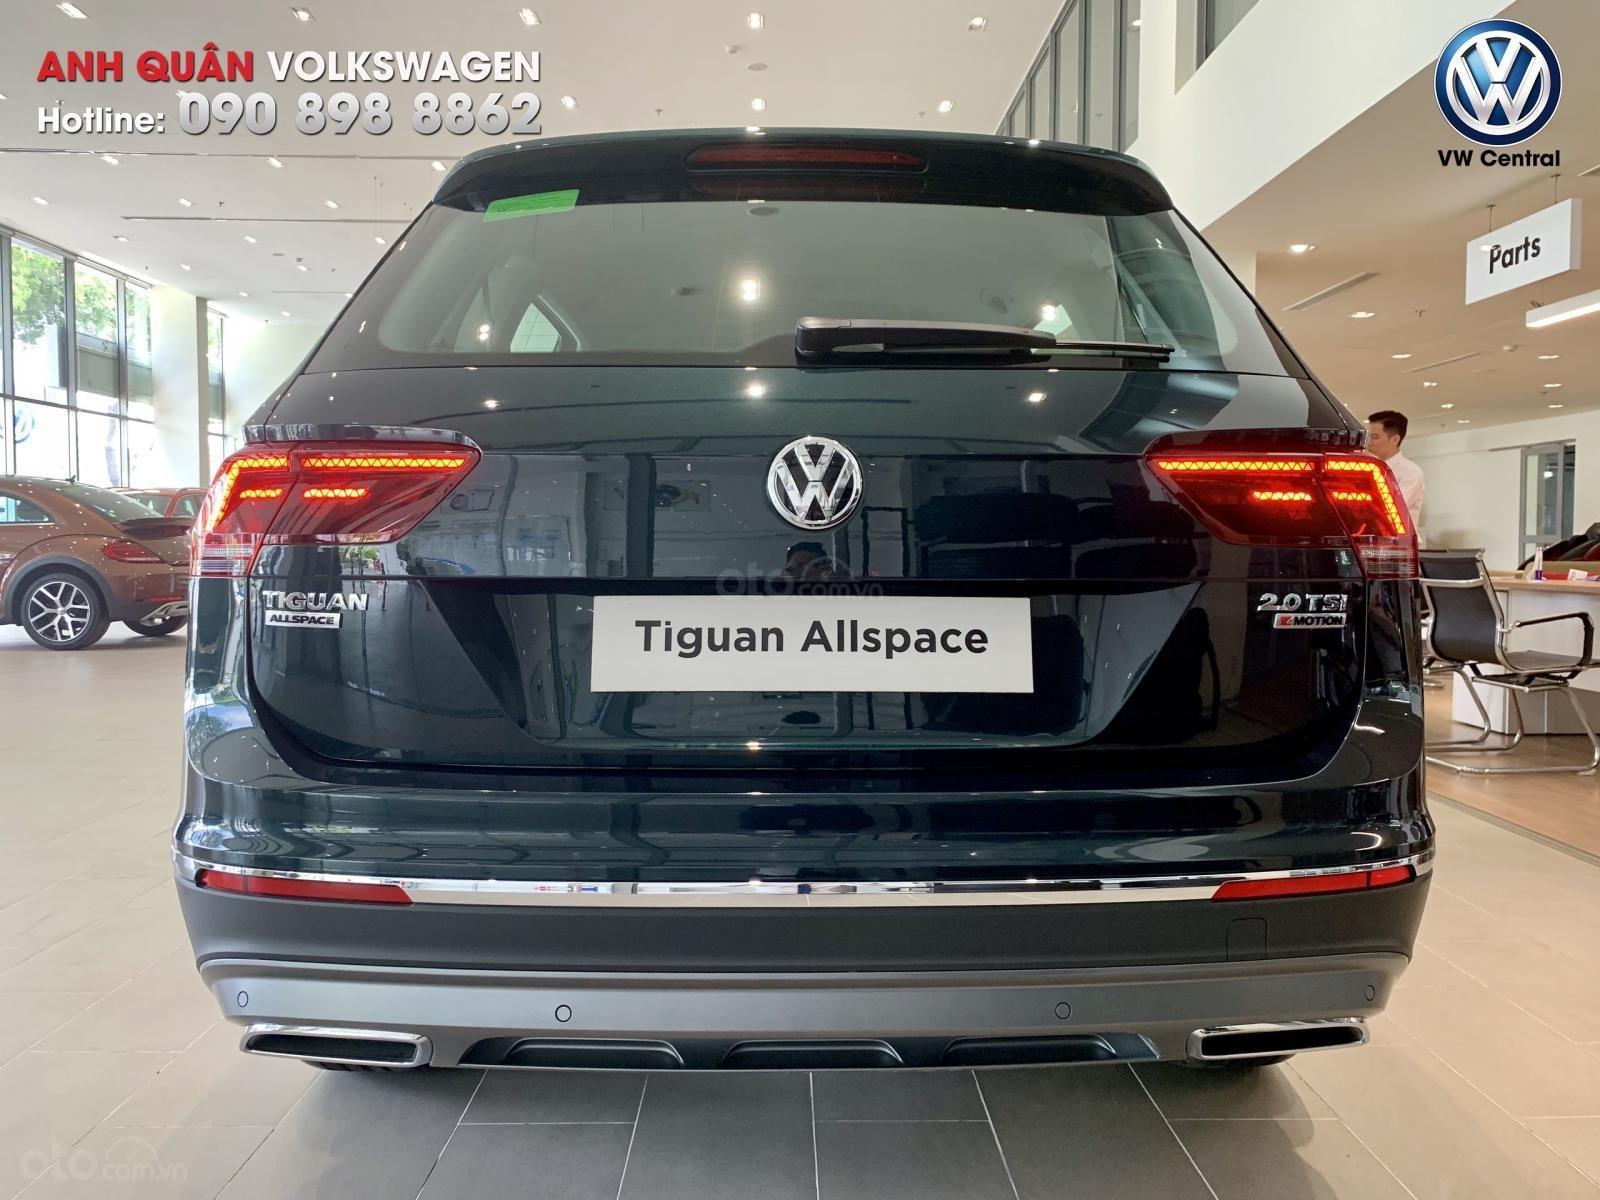 Tiguan Allspace 2019 - ưu đãi mua xe lên tới 160tr, trả góp 80%, hotline: 090-898-8862 (3)